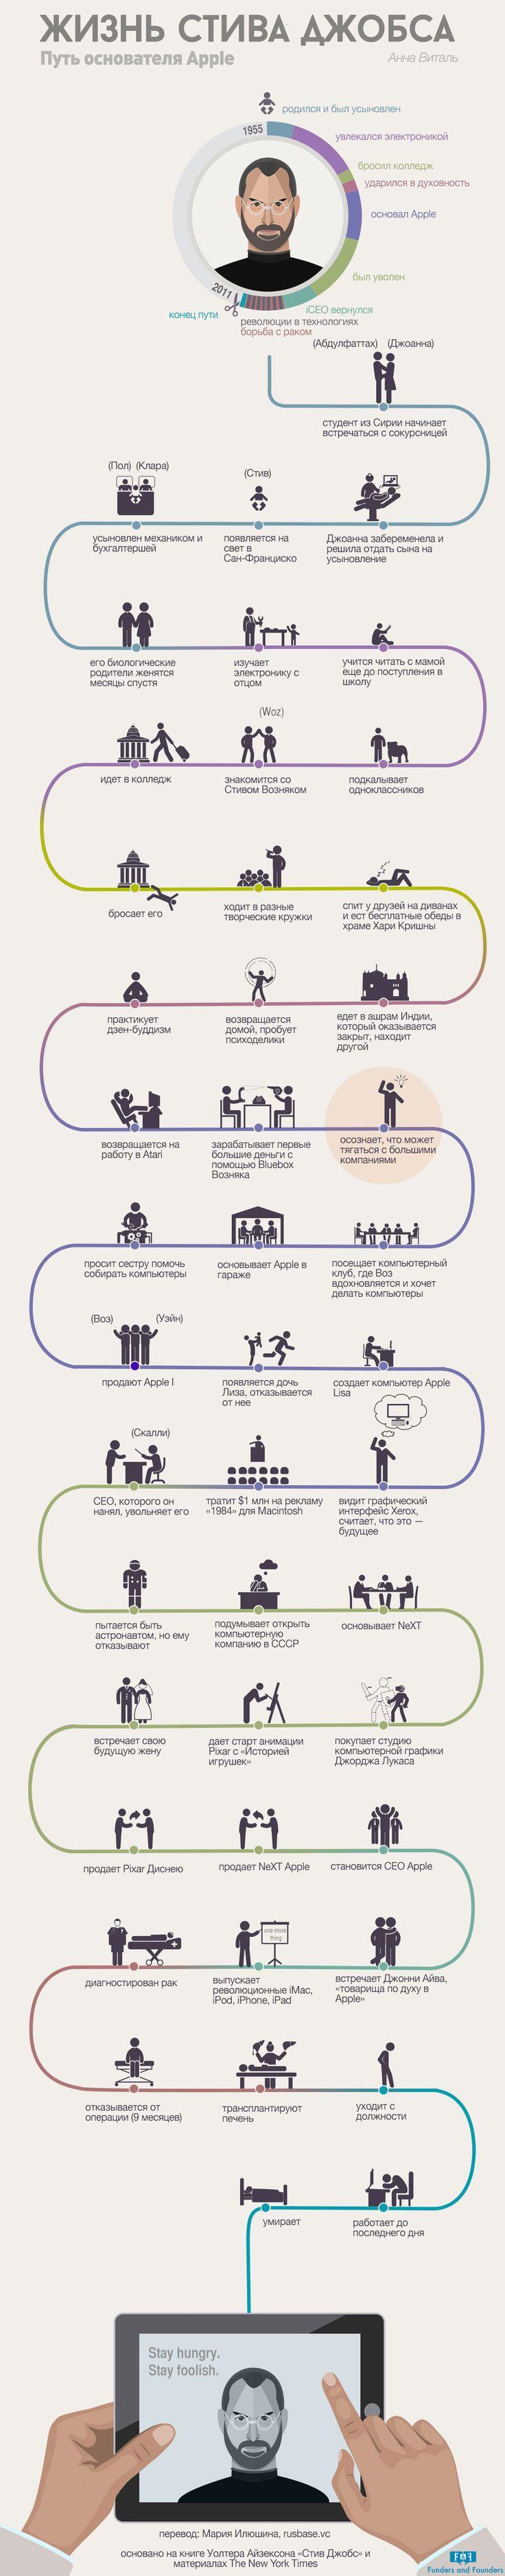 Инфографика для мотивации |Путь Стива, Марка и Билла | DOU